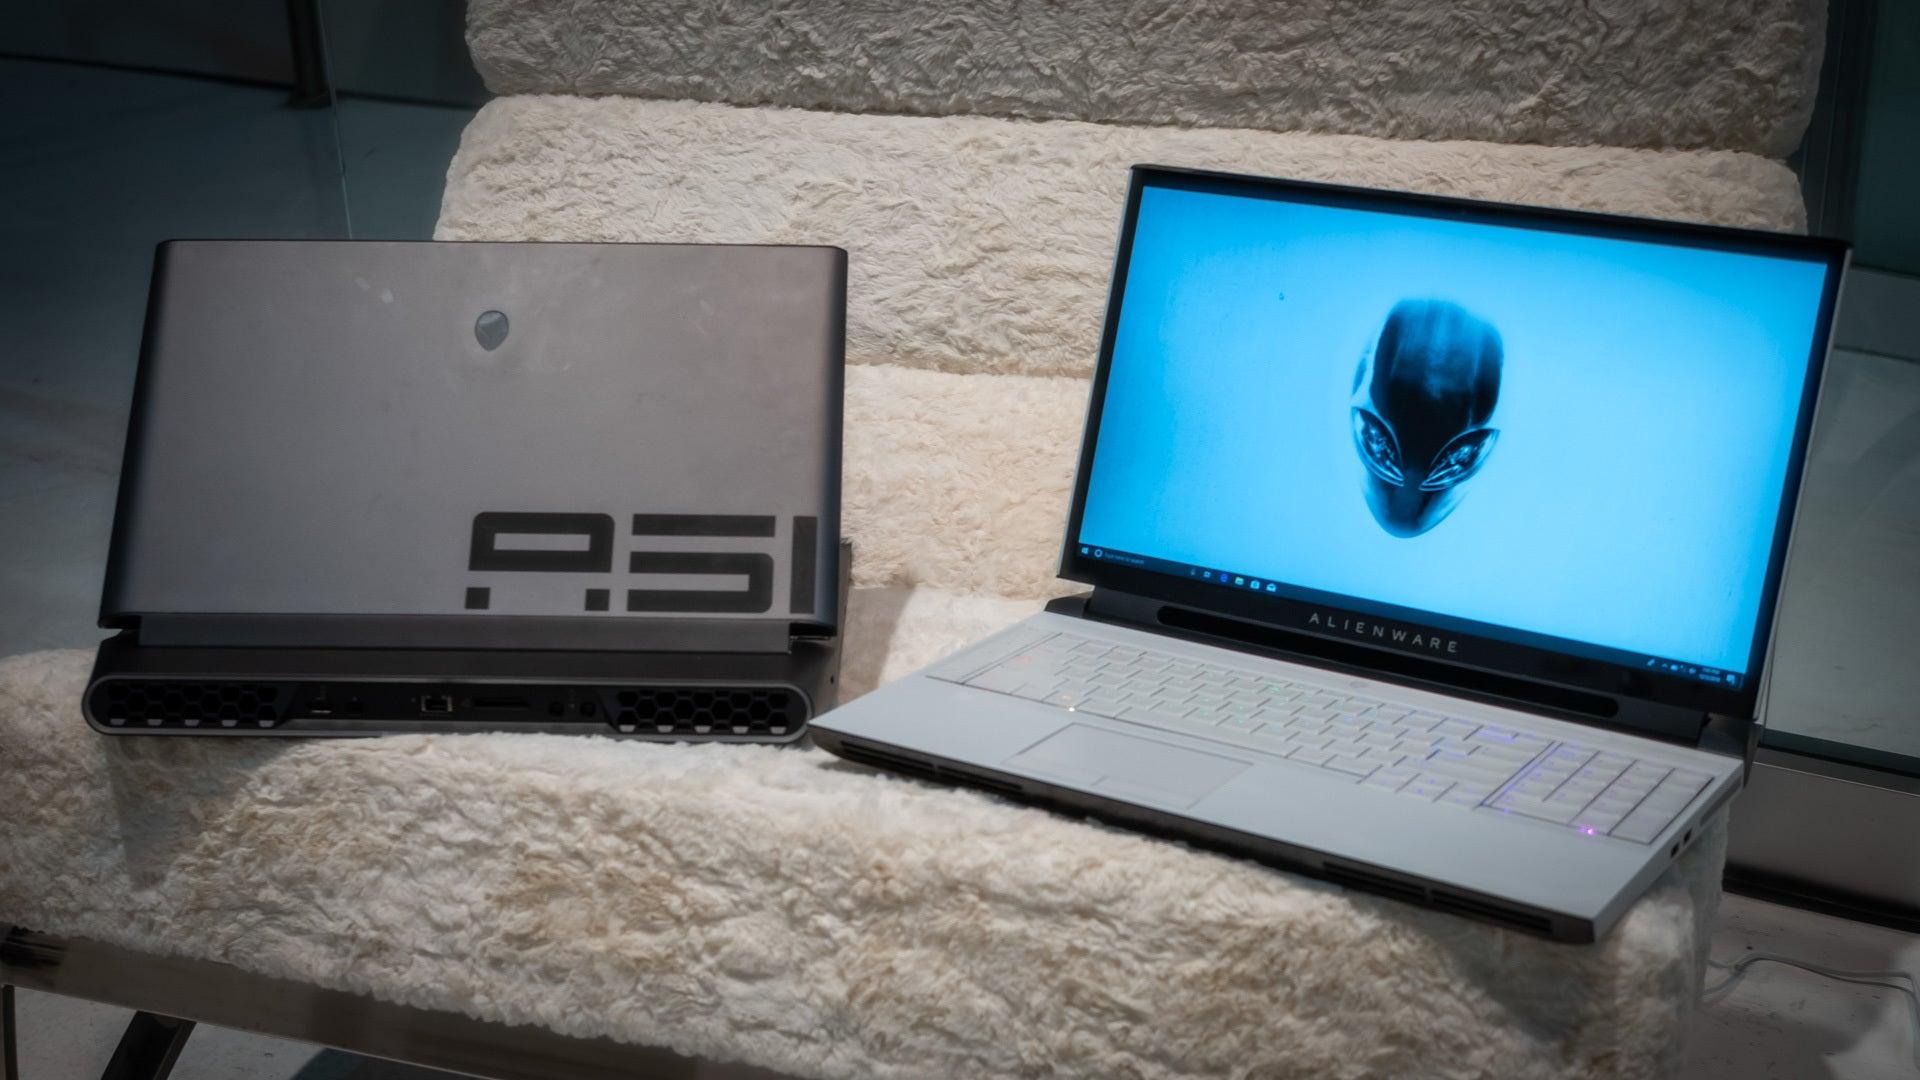 Alienware A51